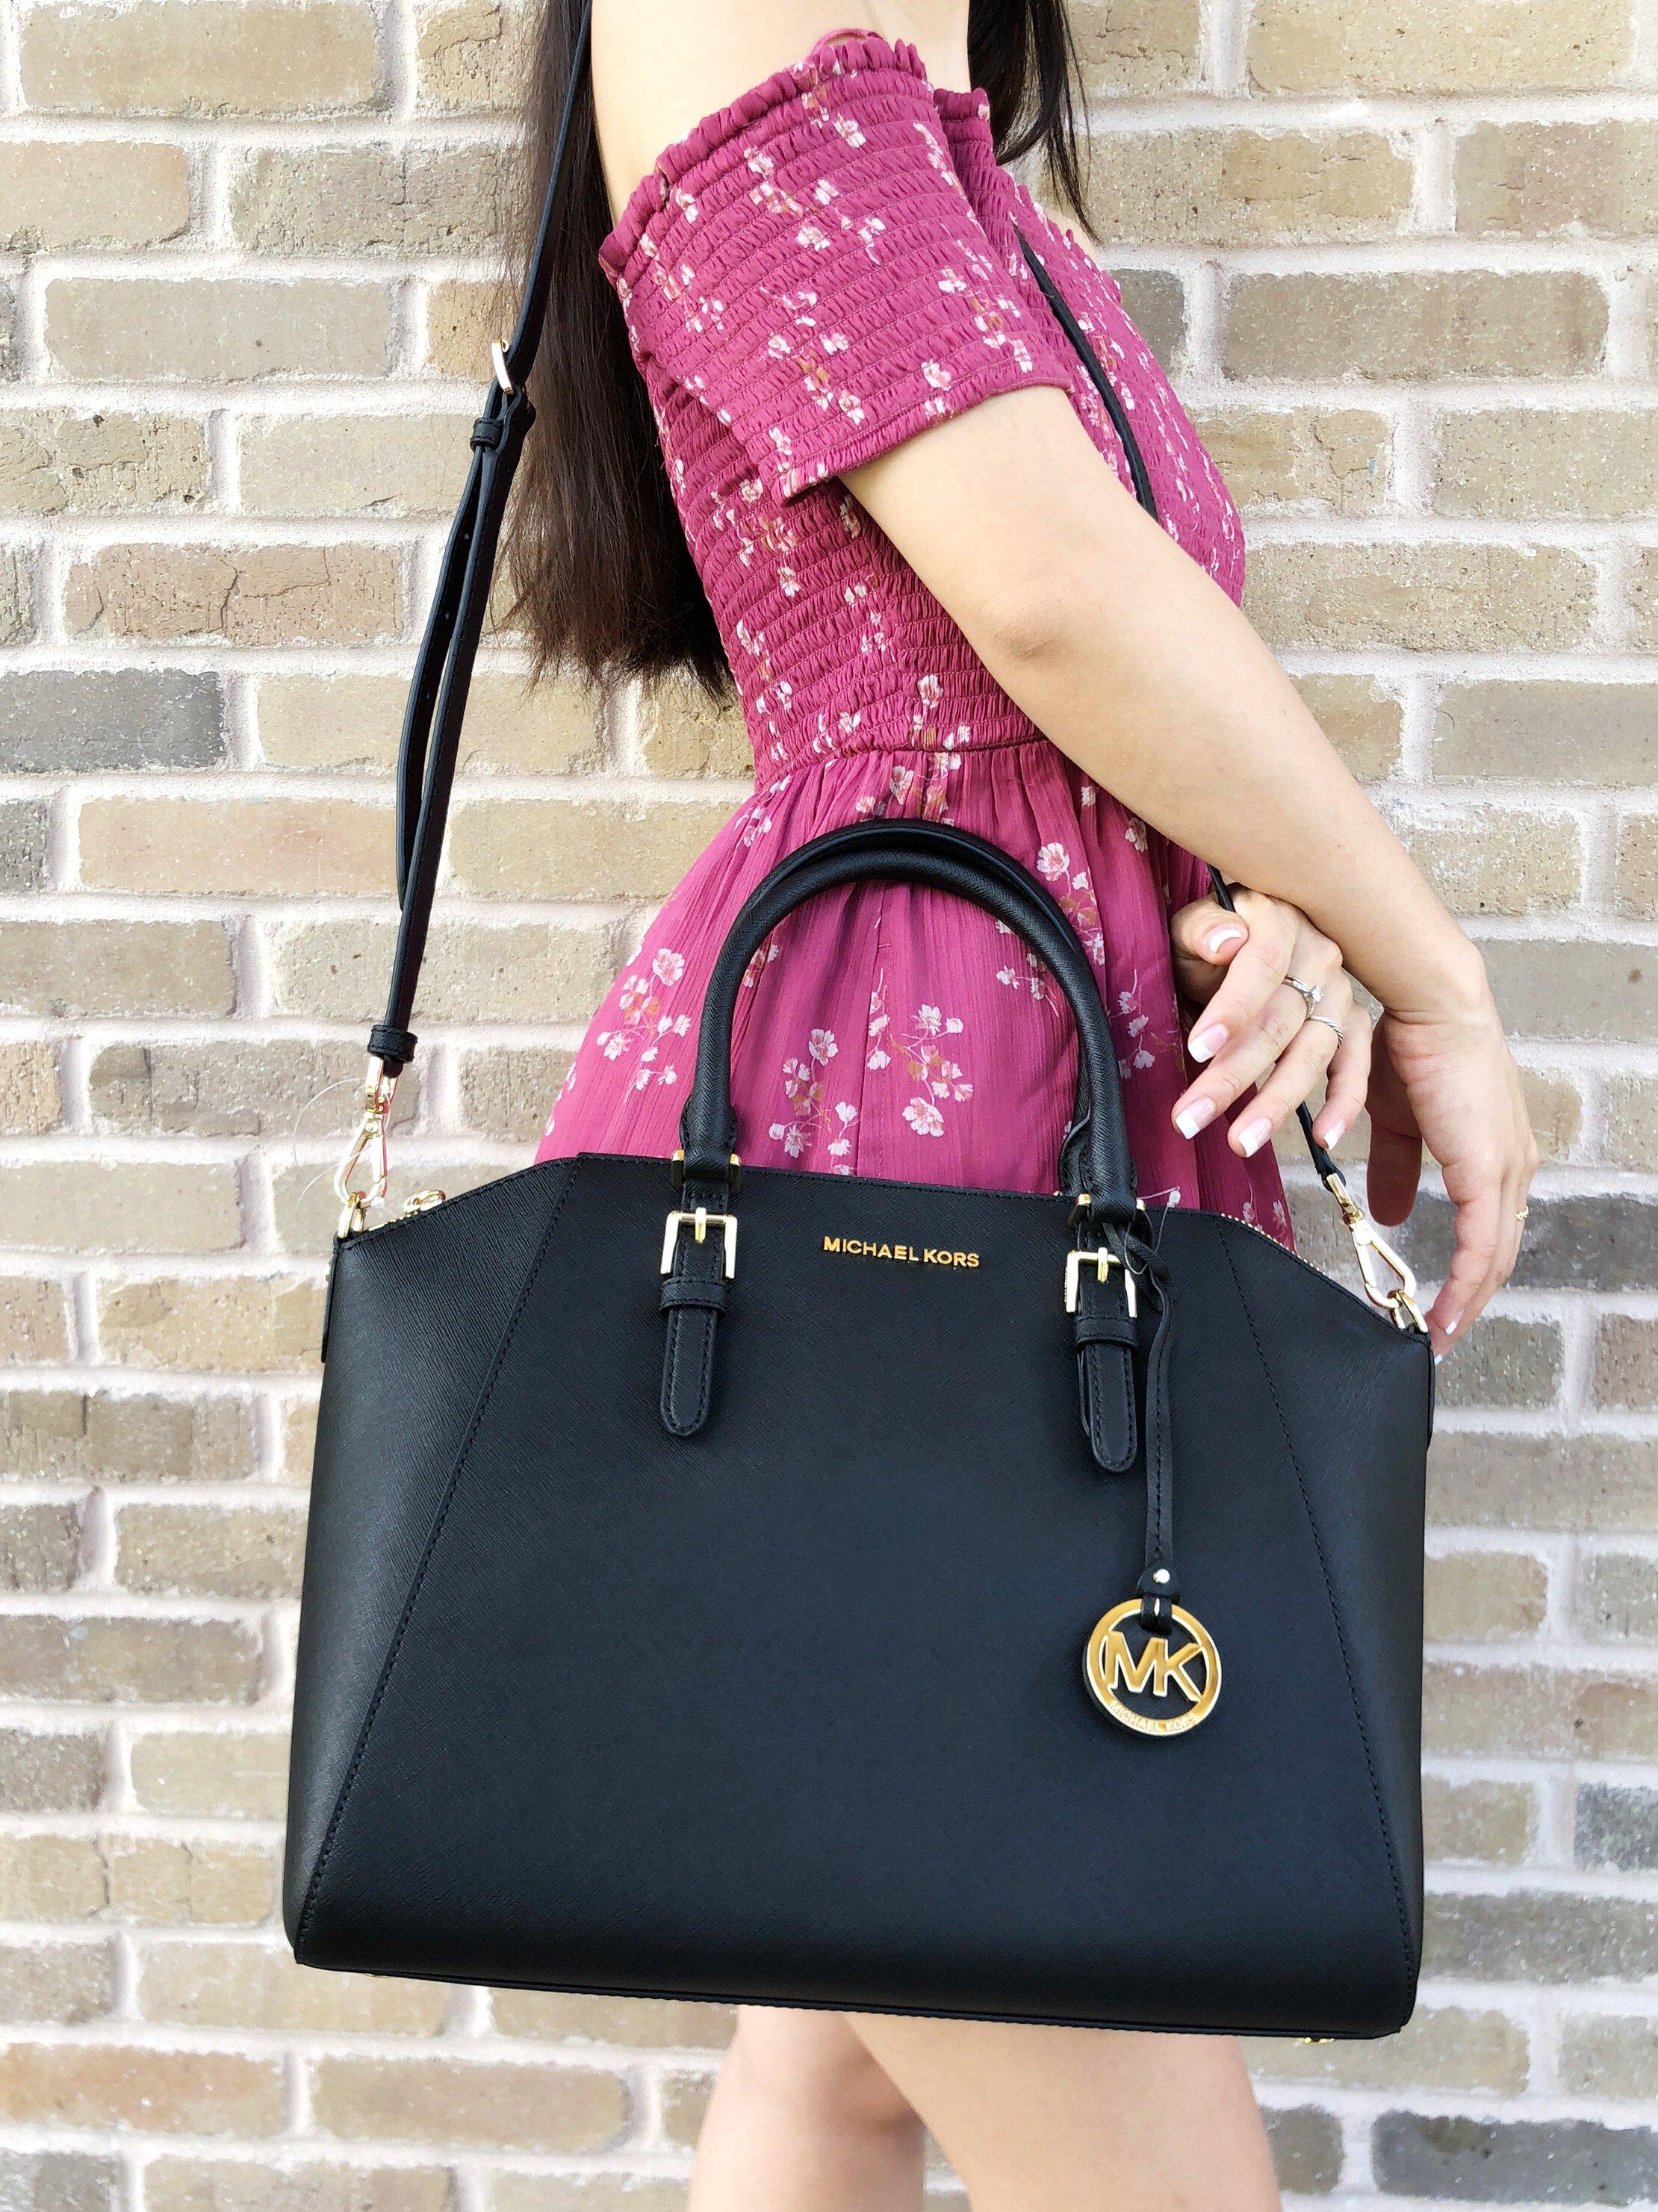 Details about Michael Kors Ciara Large Top Zip Satchel Saffiano Leather